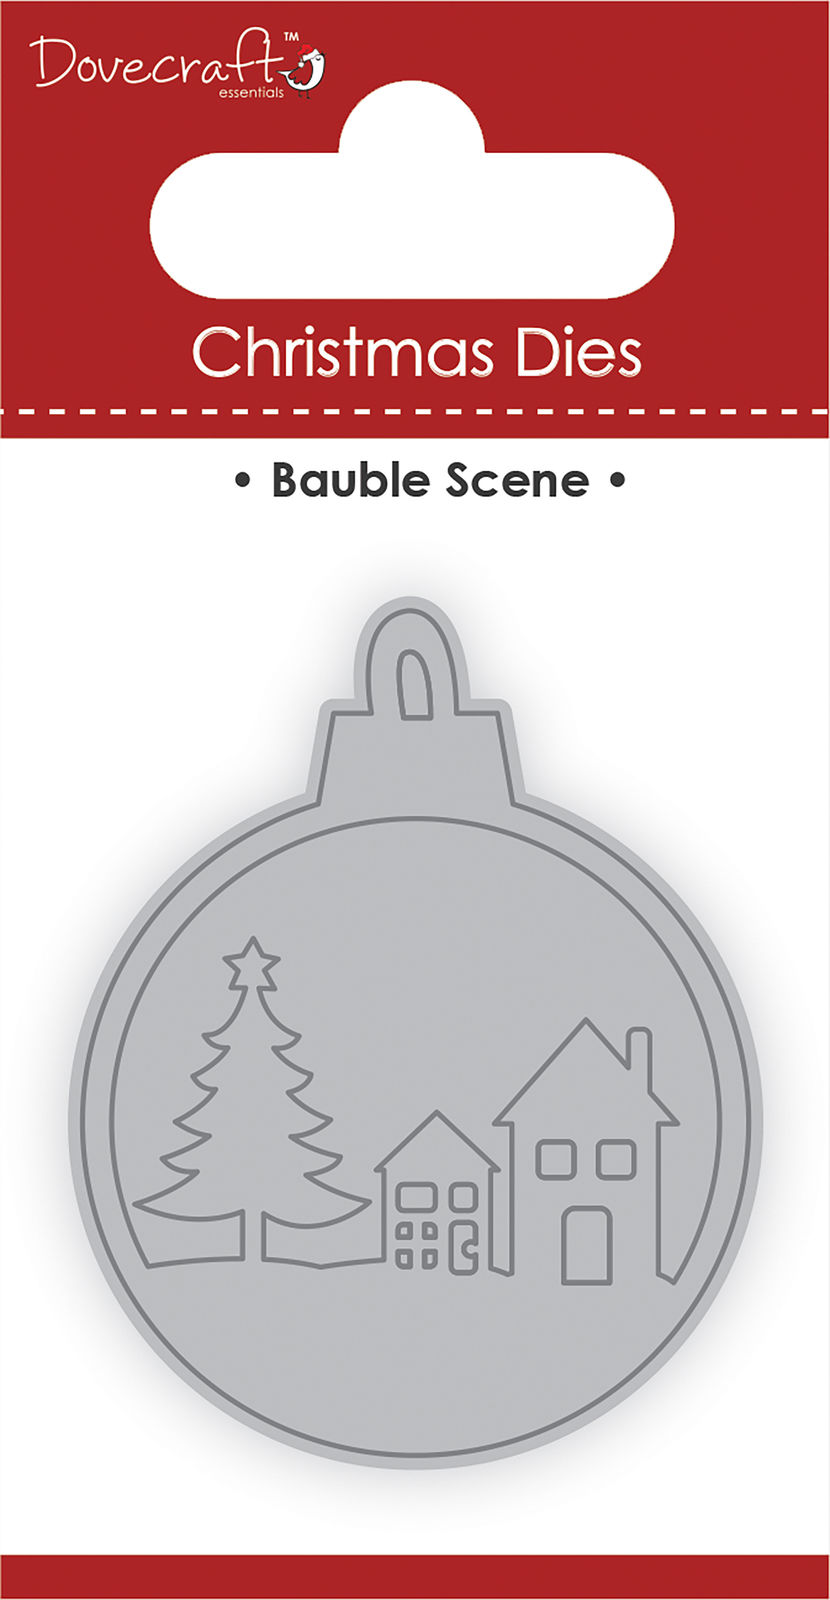 Bauble Scene